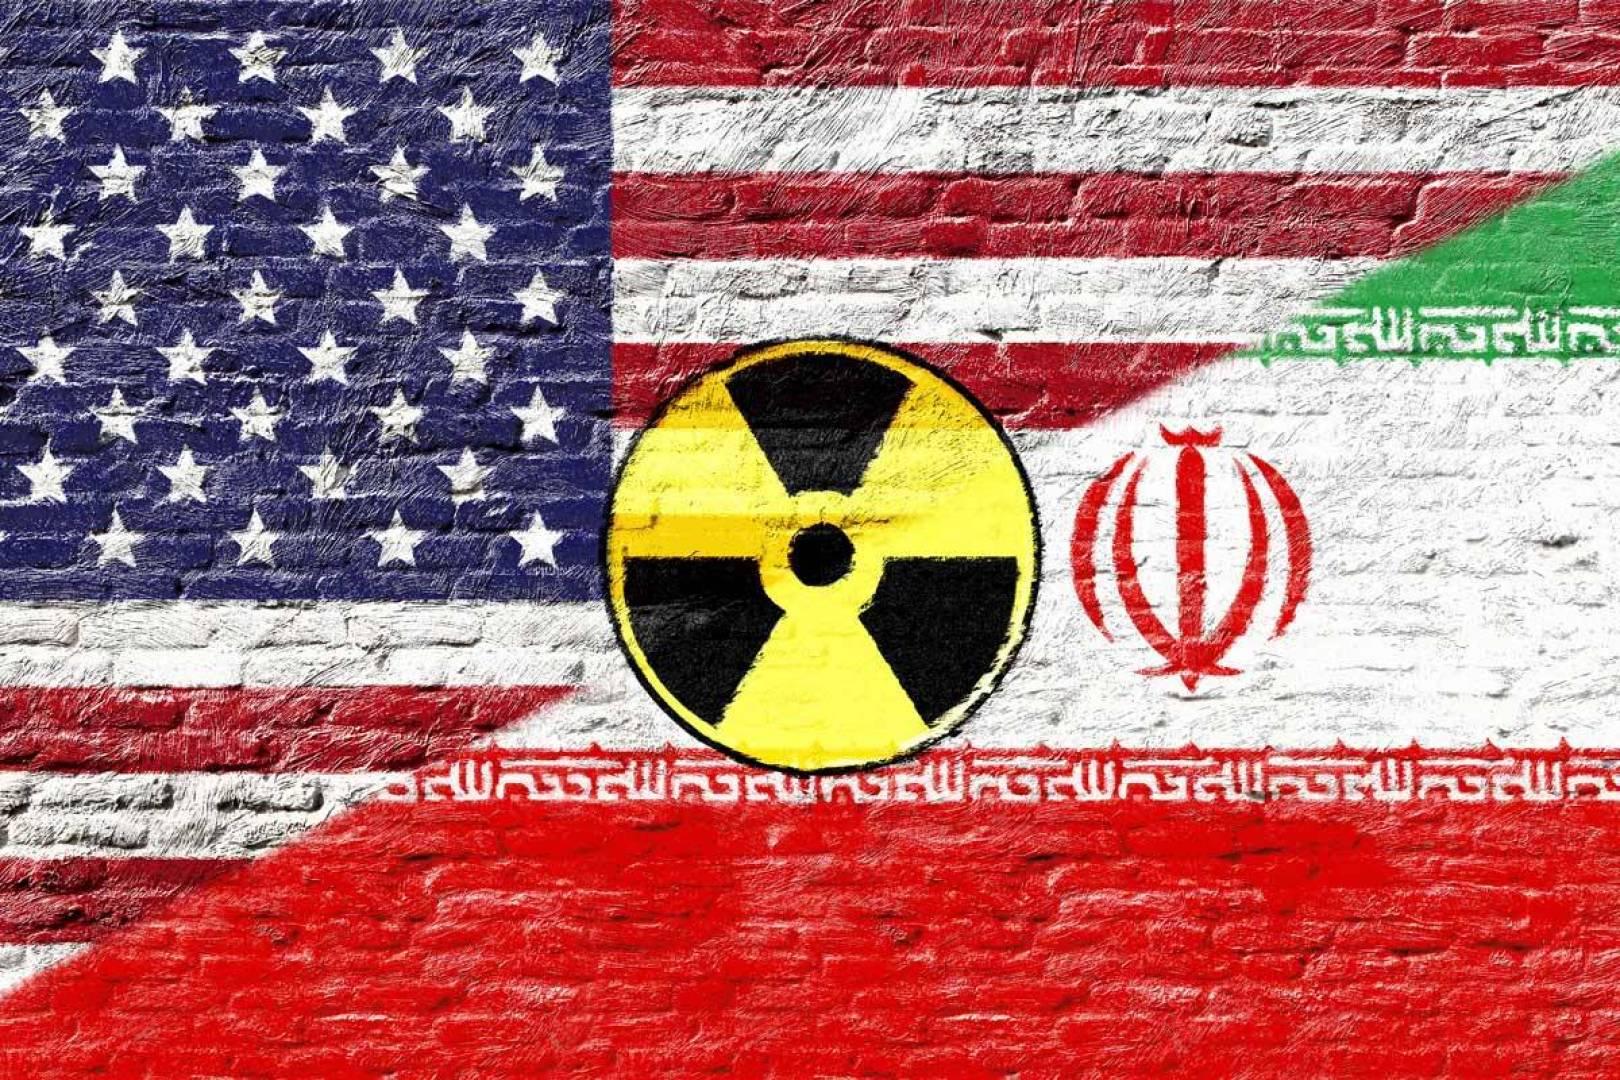 إيران: لا مجال للحوار مع الولايات المتحدة قبل أن تتخلى عن سياسة الضغوط الاقتصادية